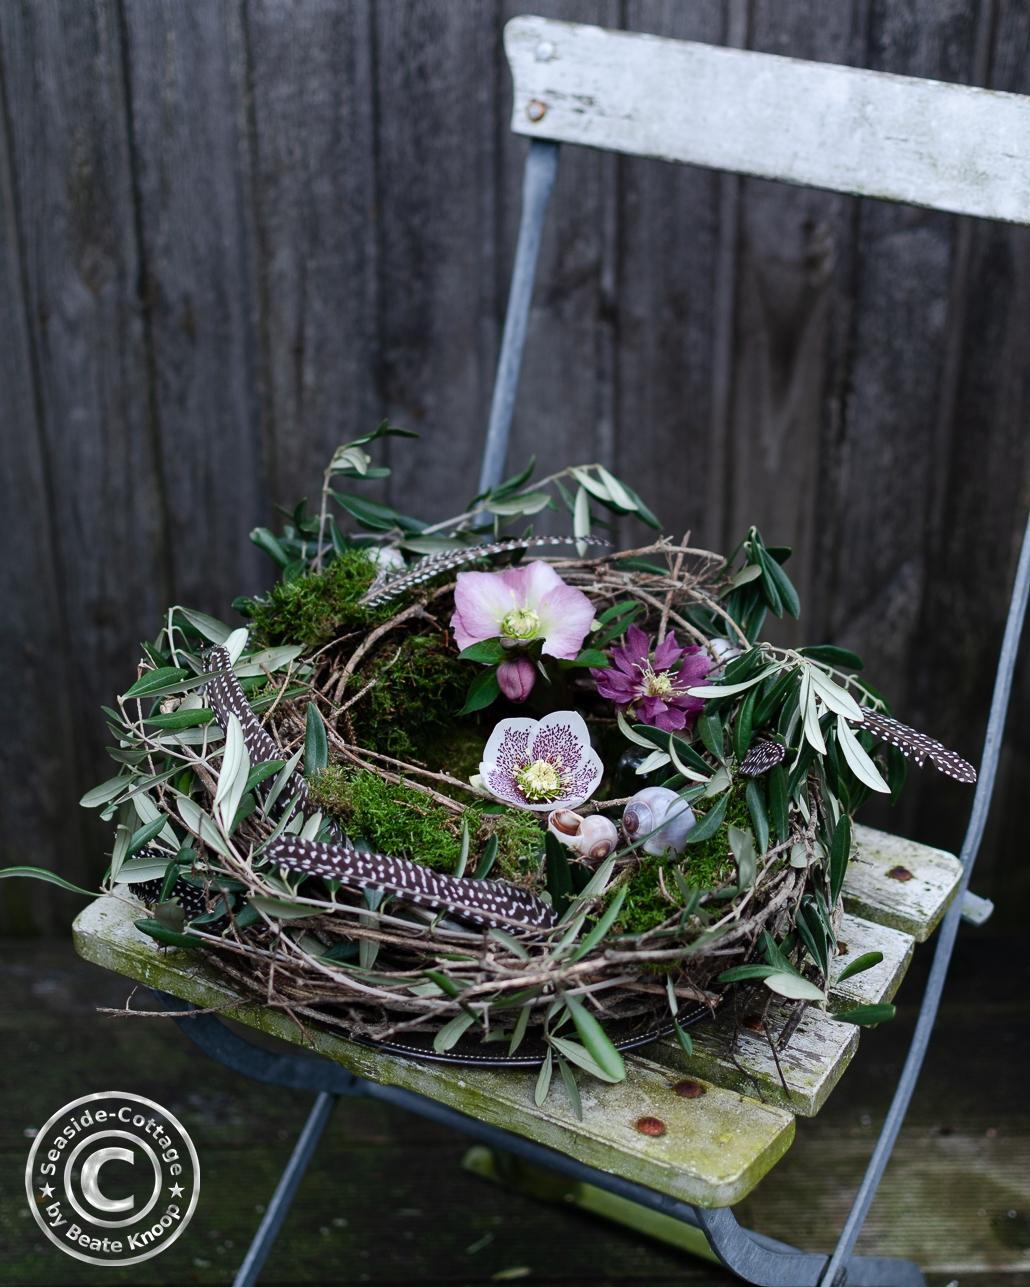 Weißer Gartenstuhl mit einem Nest aus Rebe, dekoriert mit Olivenzweigen, Moos und Lenzrosen